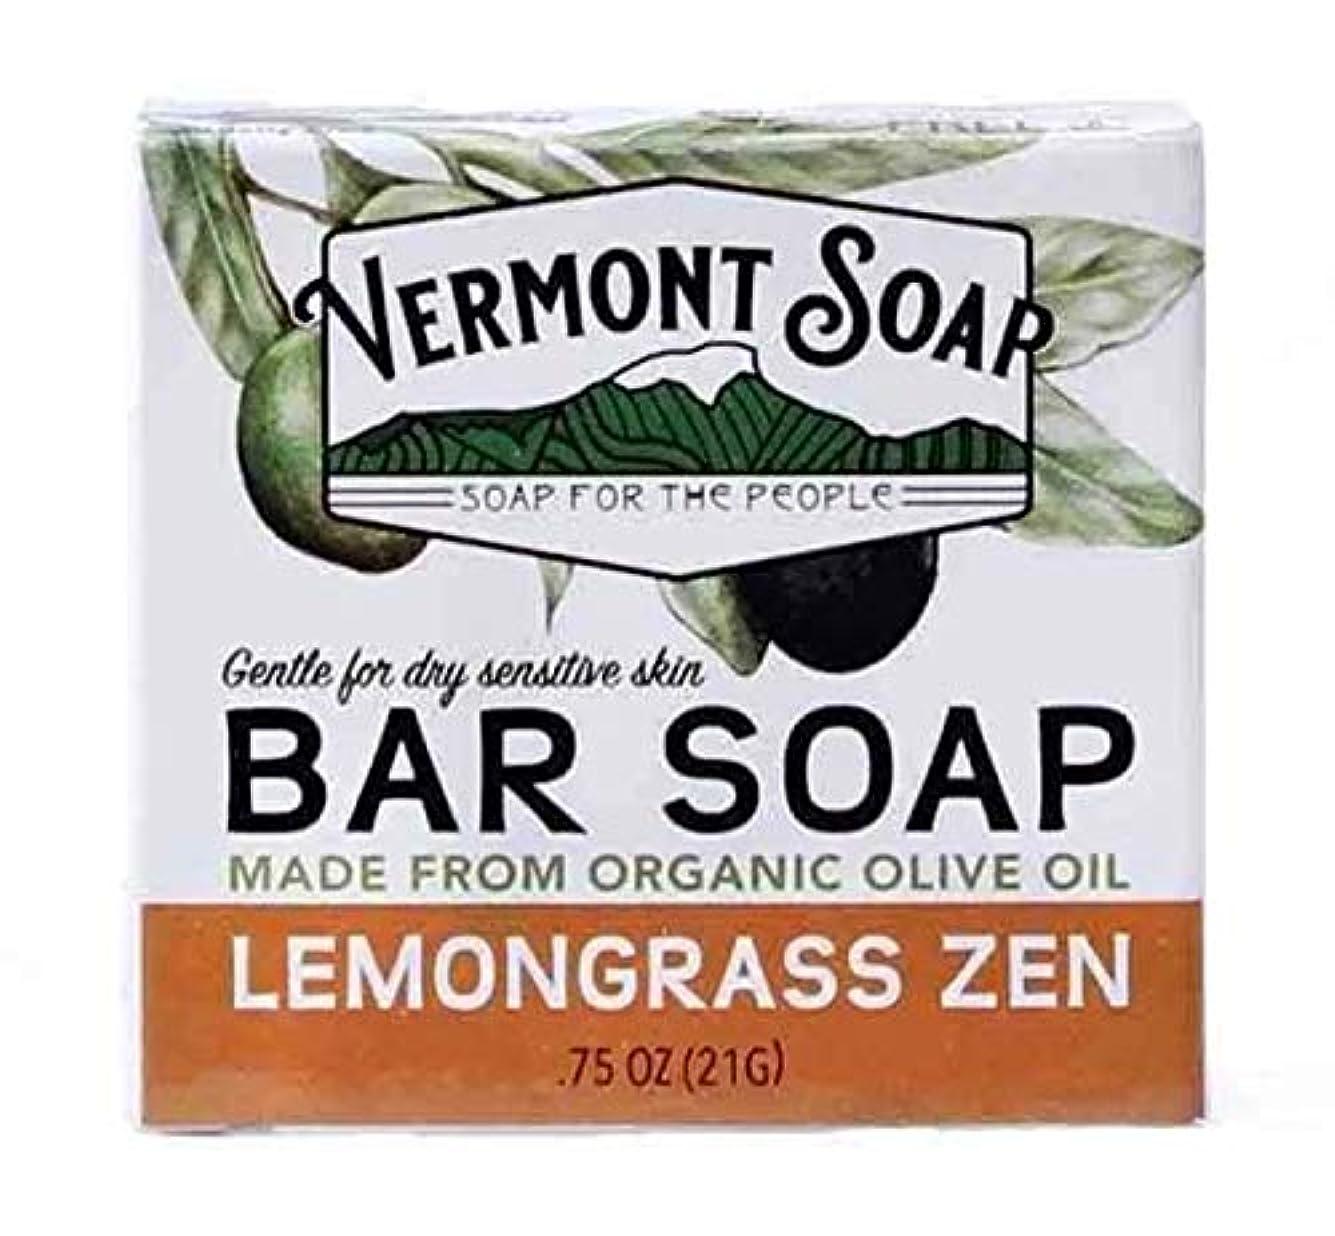 口径管理を通してバーモントソープ トラベルサイズ (レモングラス) オーガニック石鹸 洗顔 21g